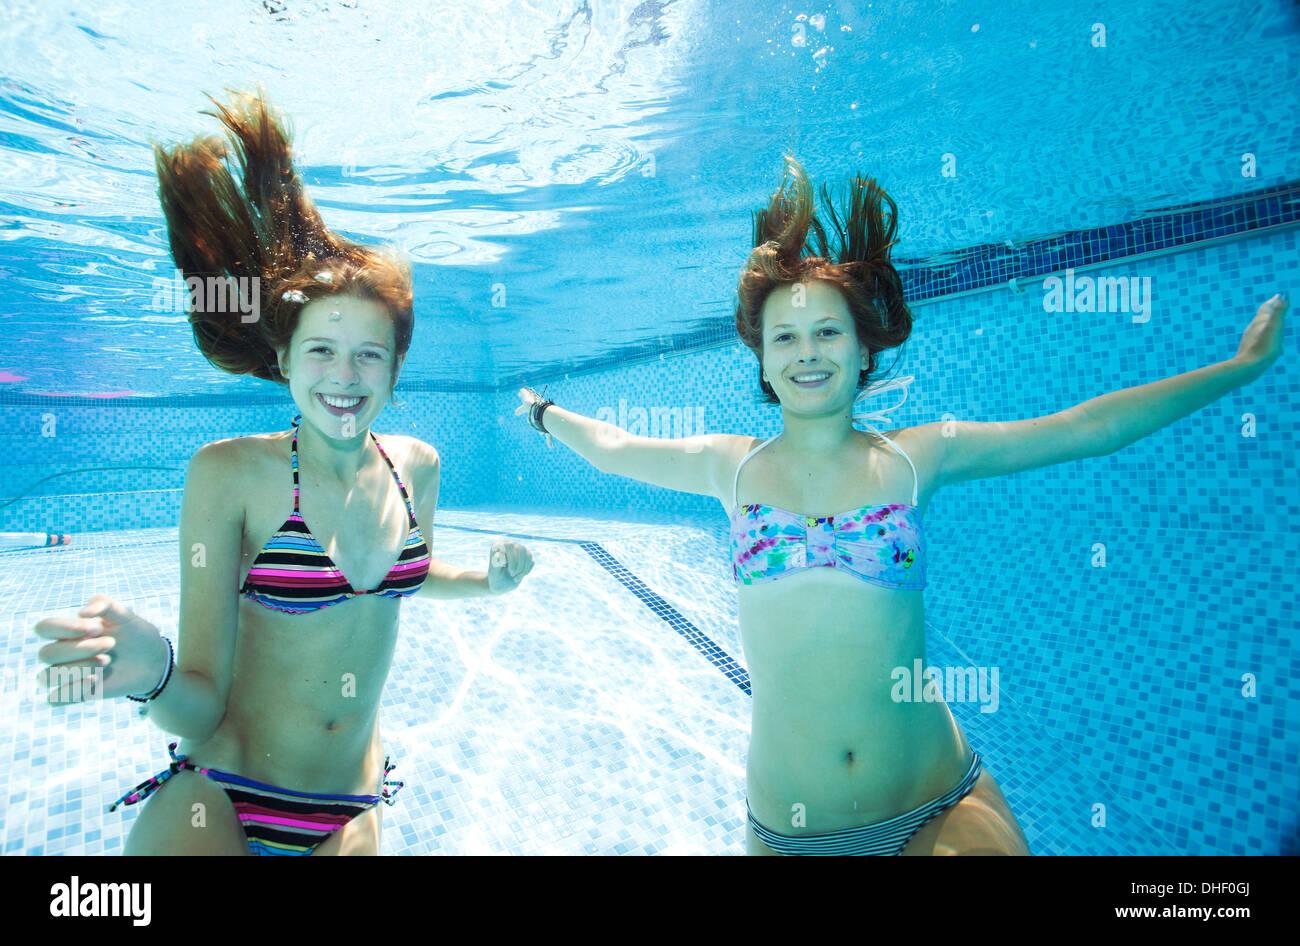 Due ragazze adolescenti nuoto sott'acqua in piscina Immagini Stock